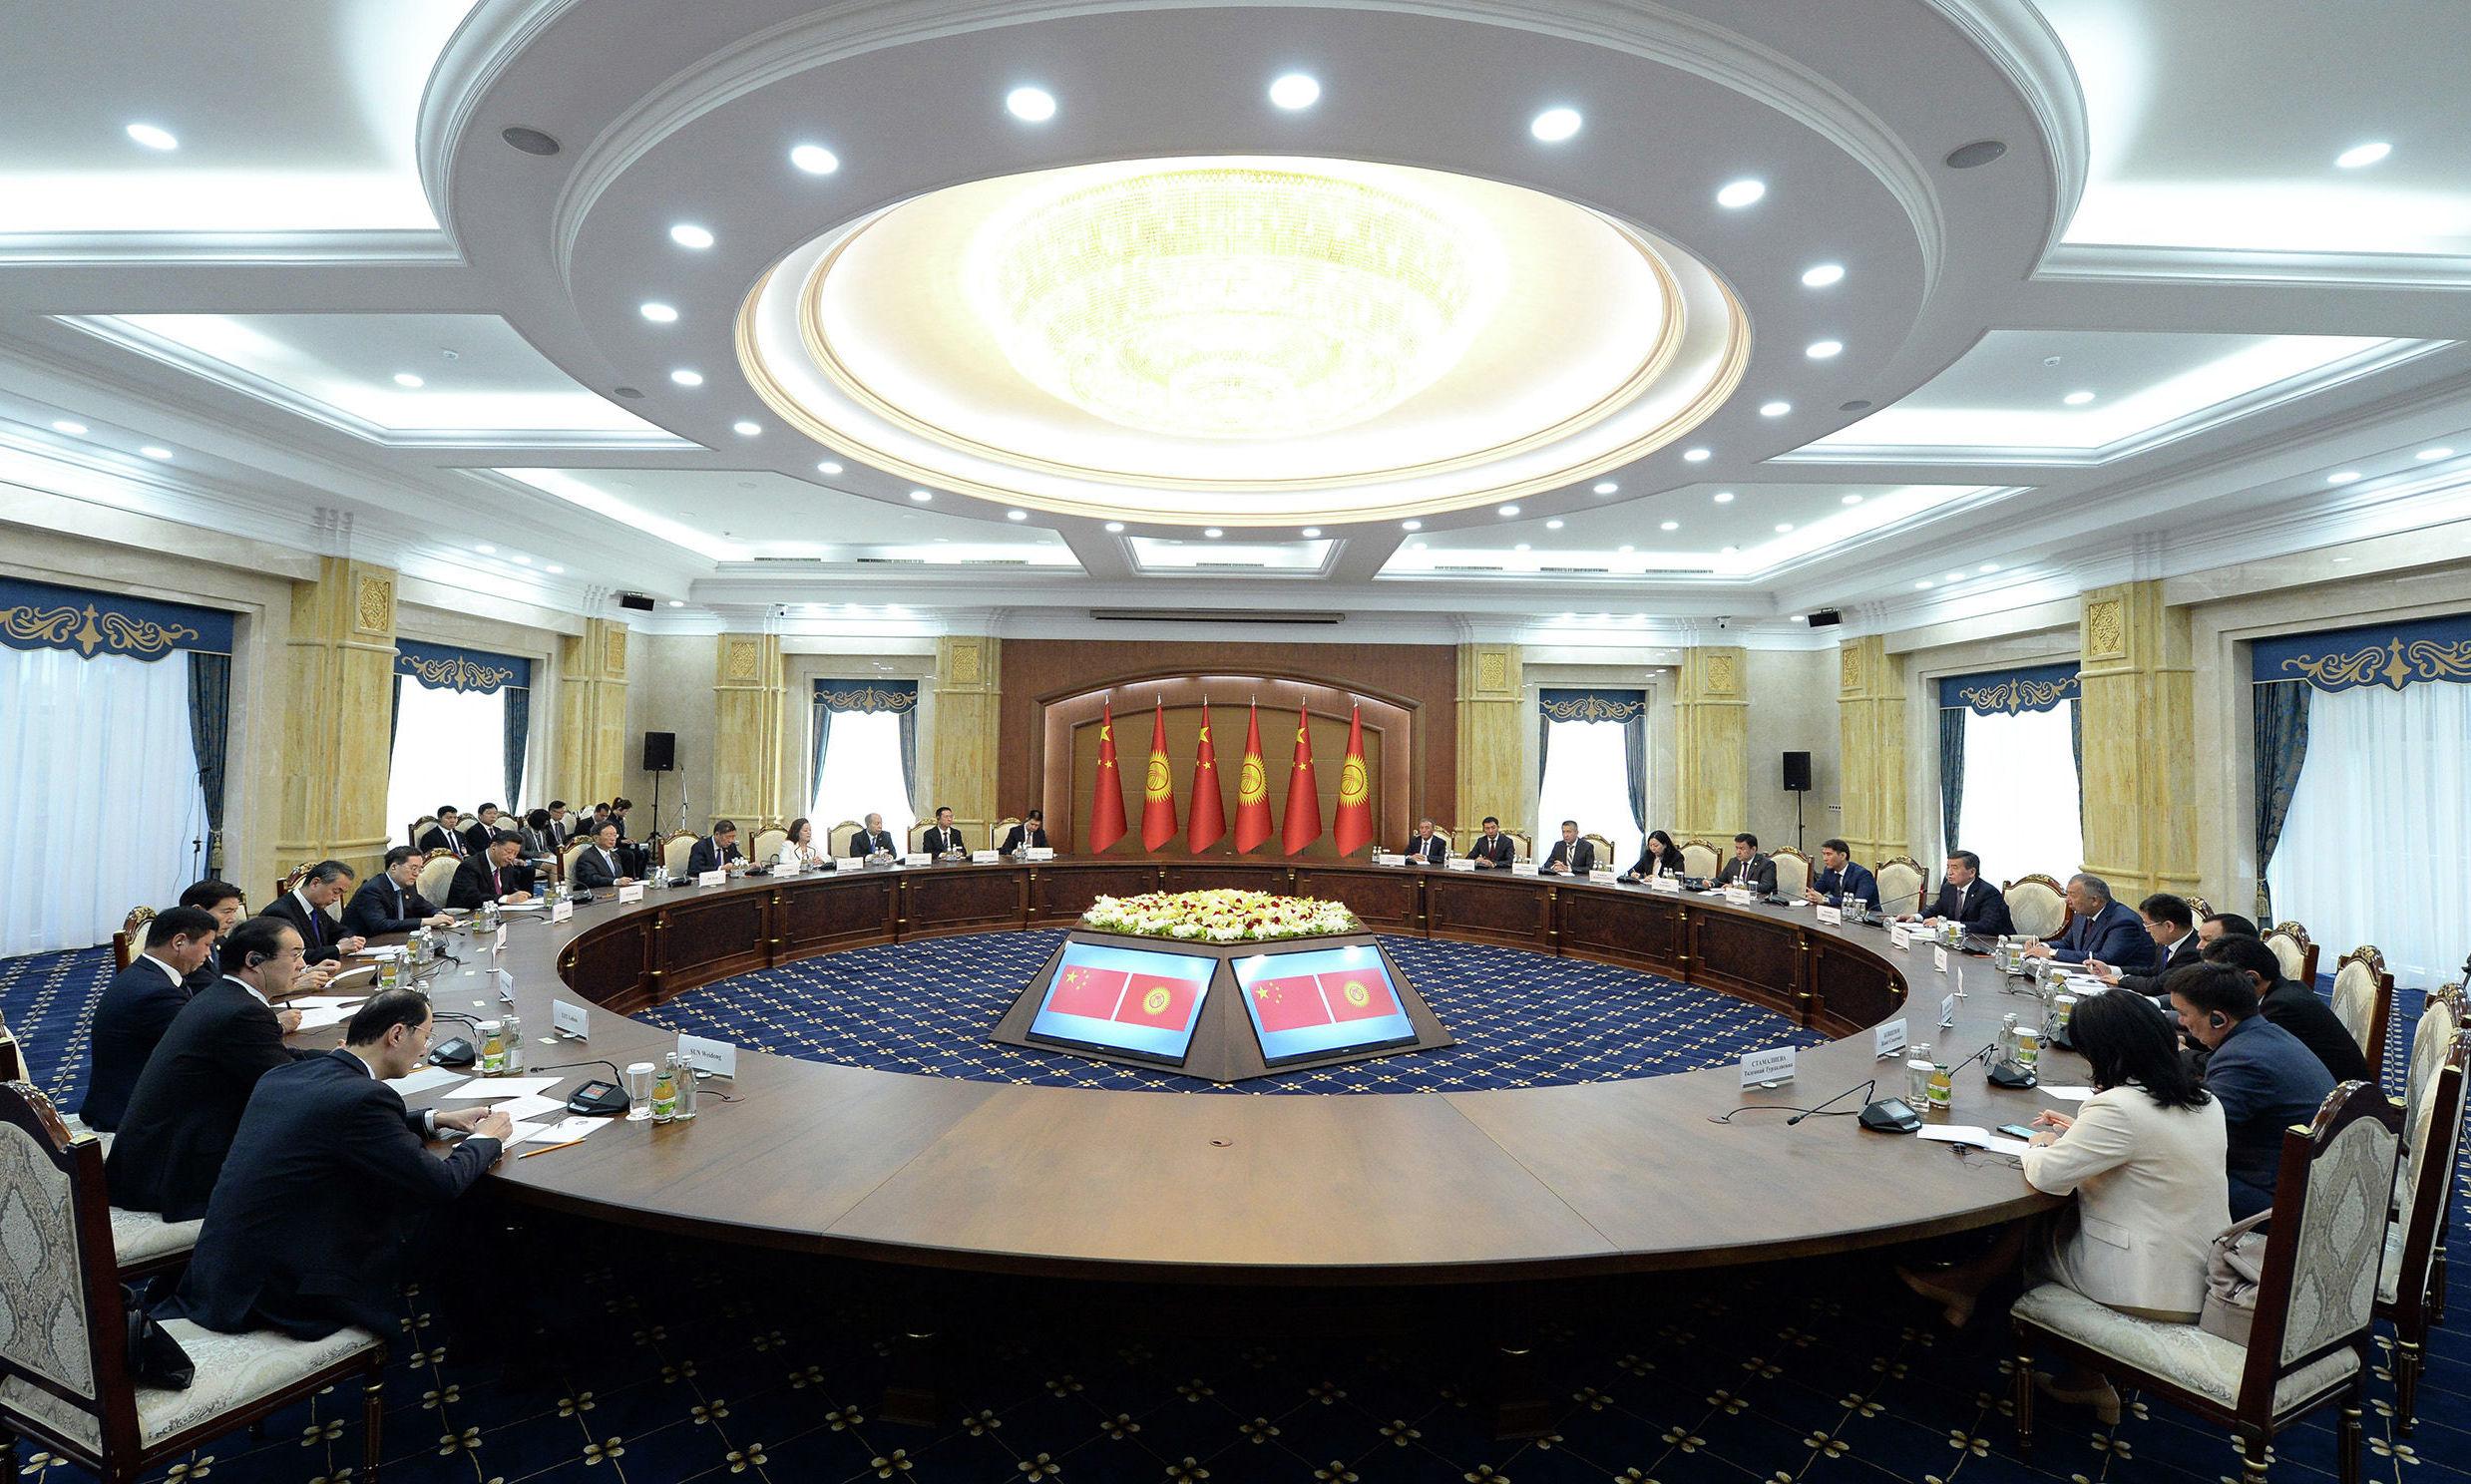 Президент Кыргызской Республики Сооронбай Жээнбеков на встрече с Председателем Китайской Народной Республики Си Цзиньпином в расширенном составе, состоявшейся в рамках его государственного визита в Кыргызстан. 13 июня 2019